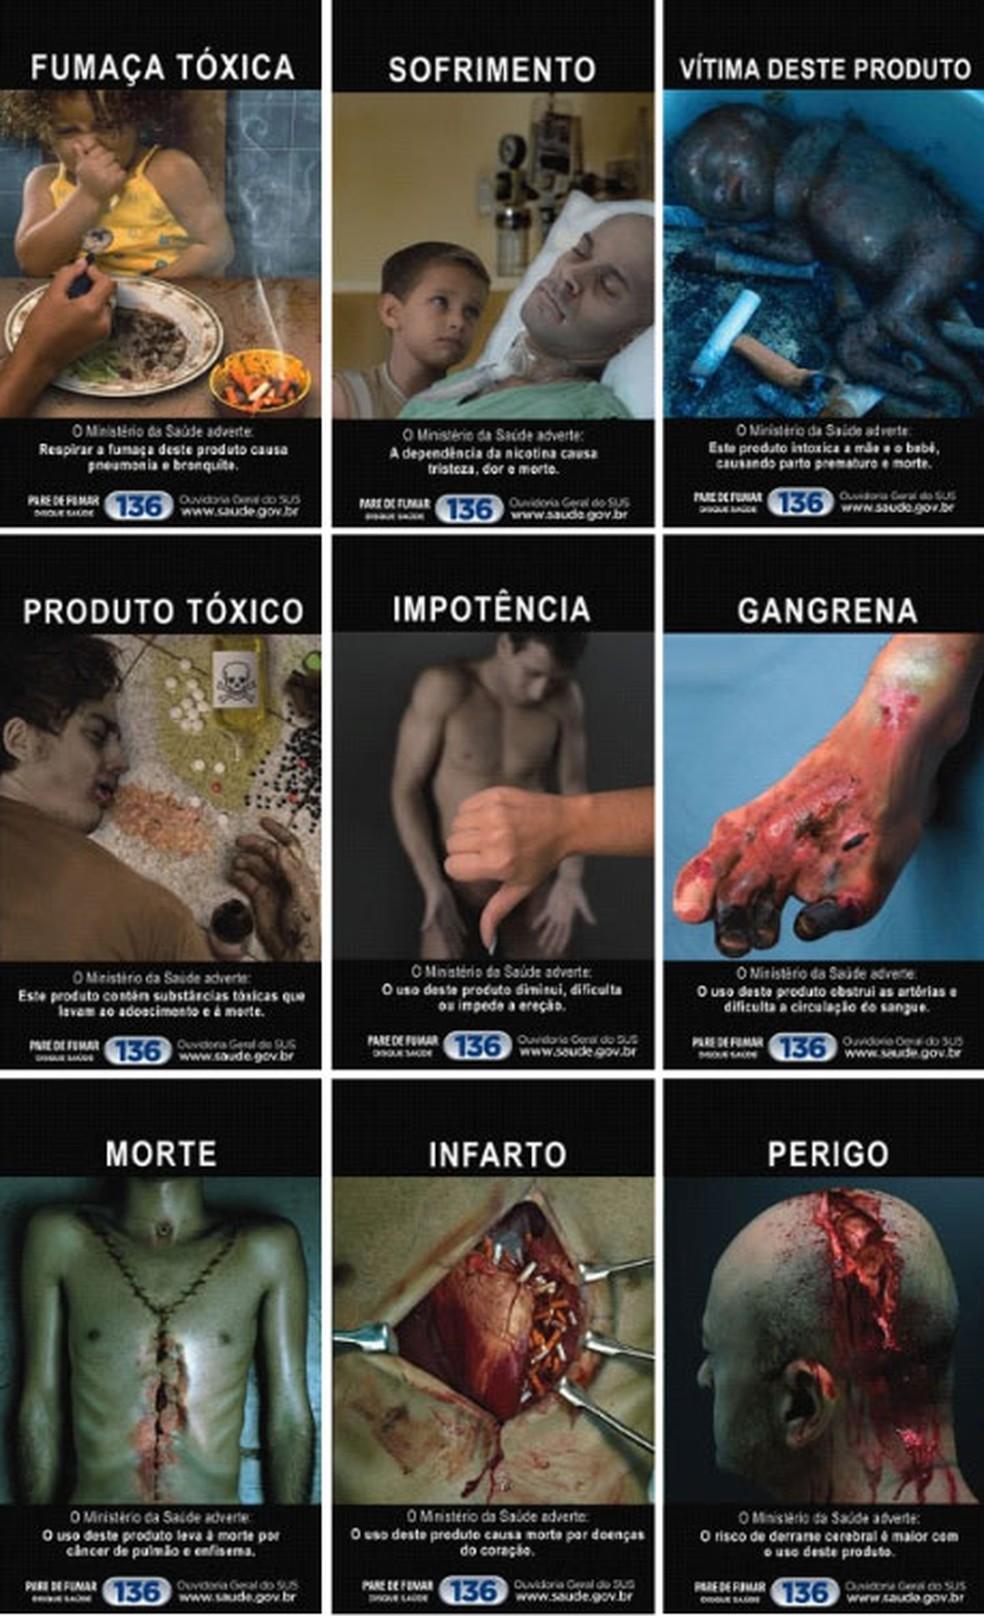 Imagens de alerta nos maços de cigarro vigentes desde 2013 (Foto: Divulgação/Anvisa)